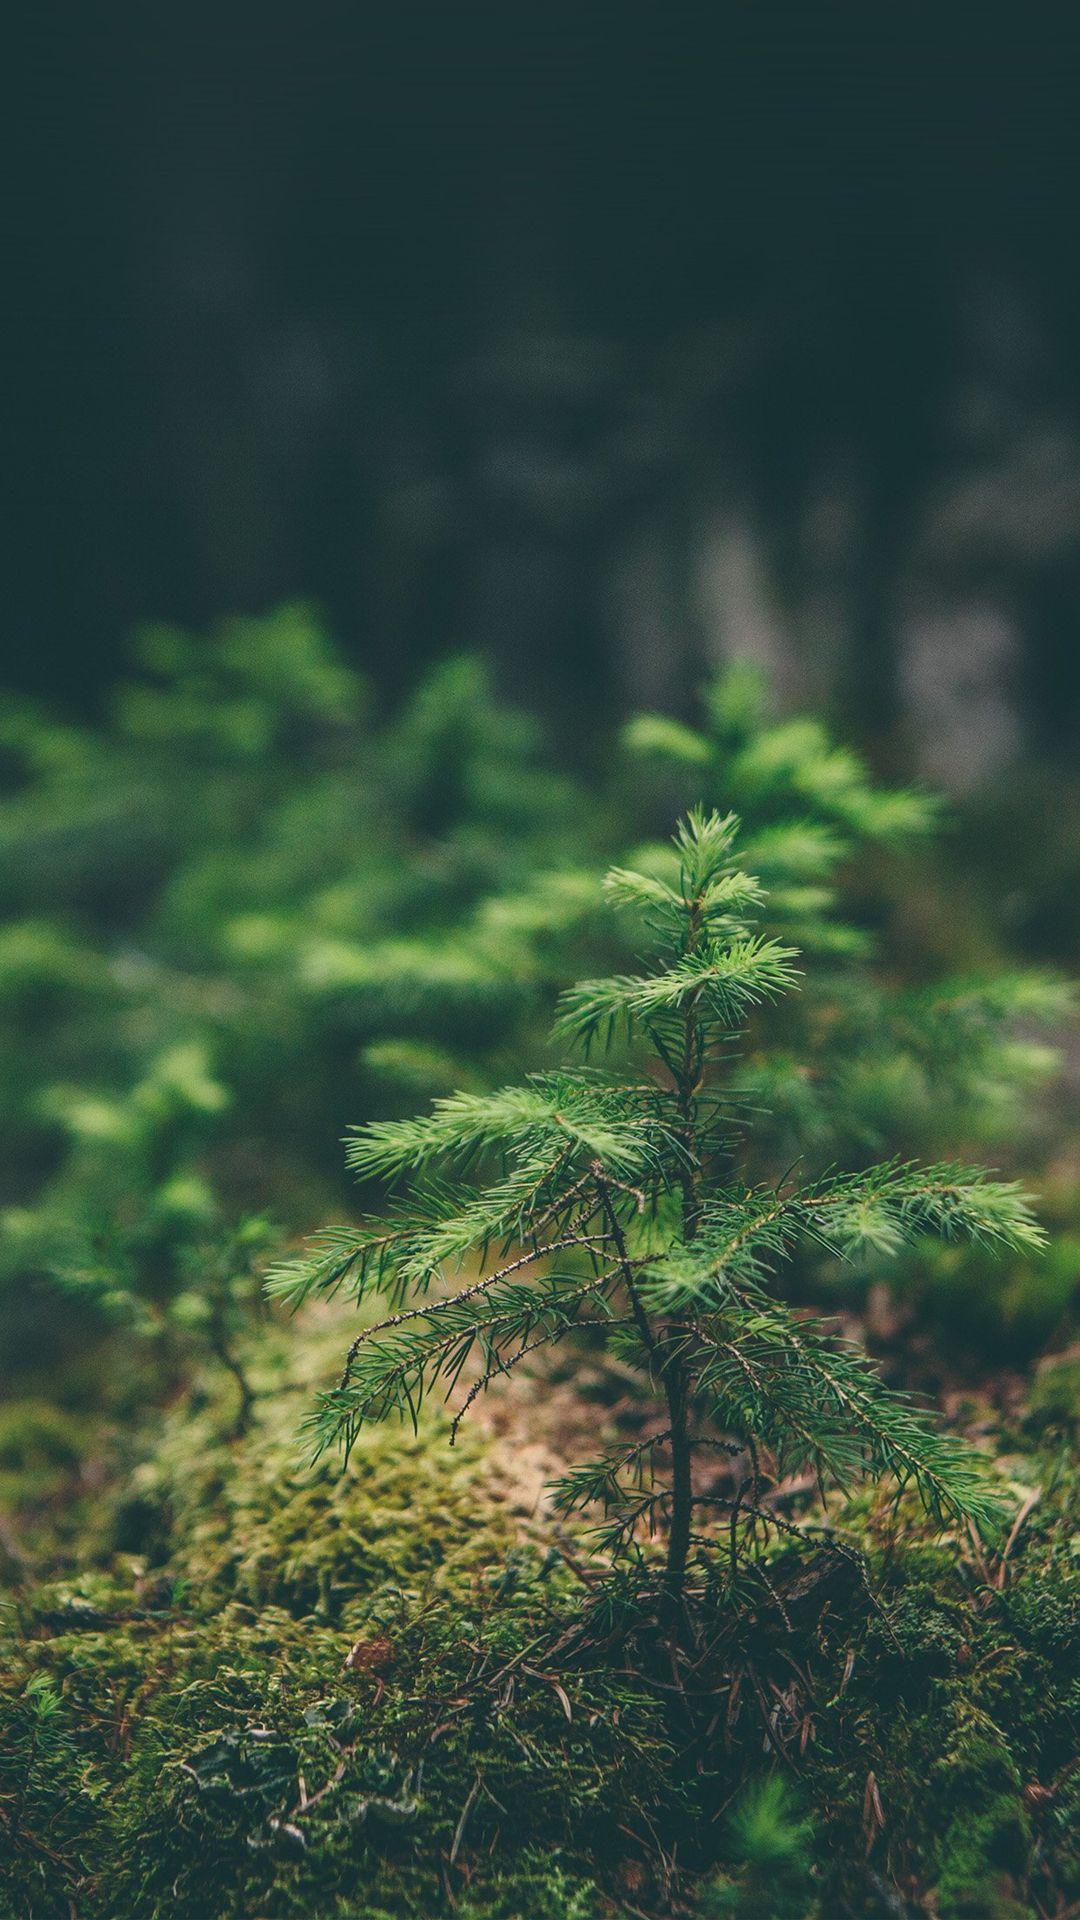 Green Moss Flower Nature iPhone 6 plus wallpaper